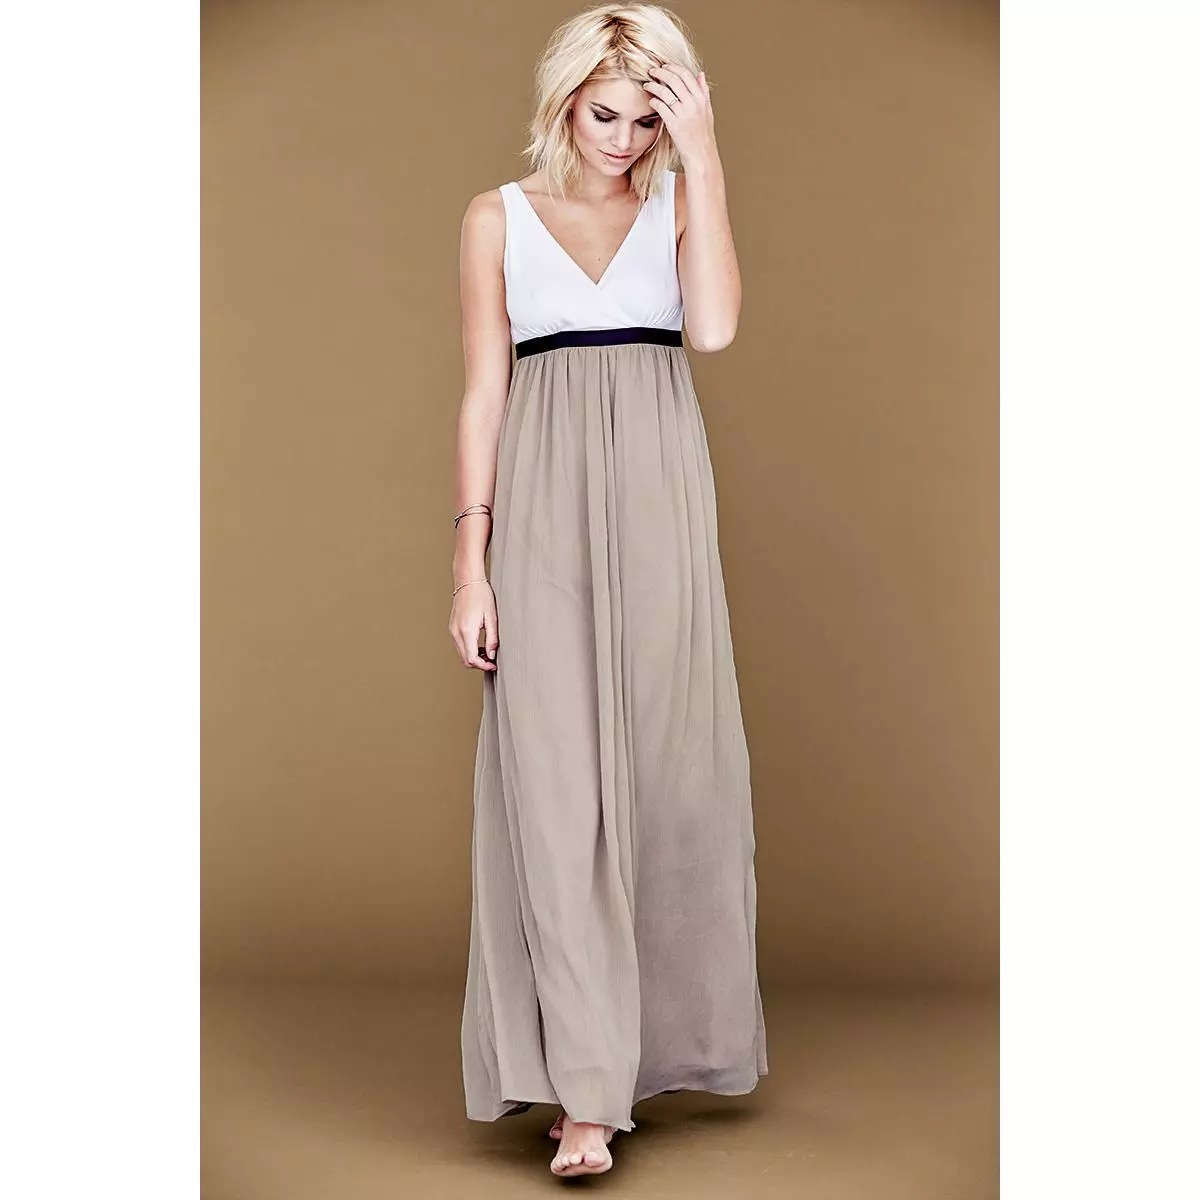 328688ac355e0a Elegante Kleider Für Hochzeit Lang | Sommerkleid Abendkleid Stretch ...